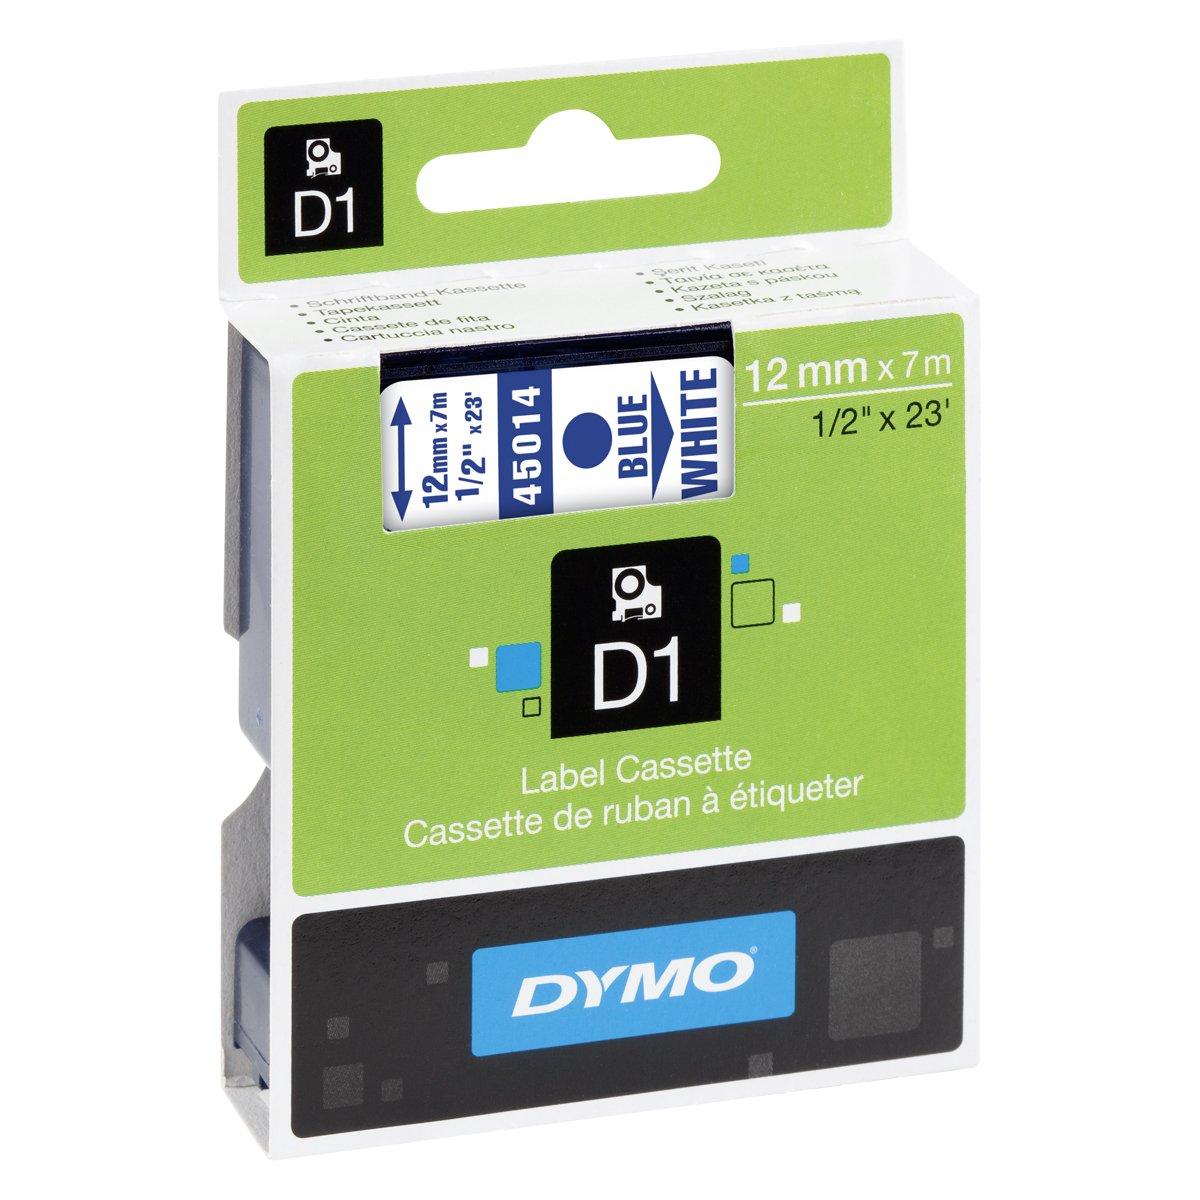 Dymo S0720930 D1-Etiketten (Selbstklebend, für den Drucker LabelManager, 24 mm x 7 m Rolle) schwarz auf weiß Newell Rubbermaid 53713 Deko: Weitere Deko